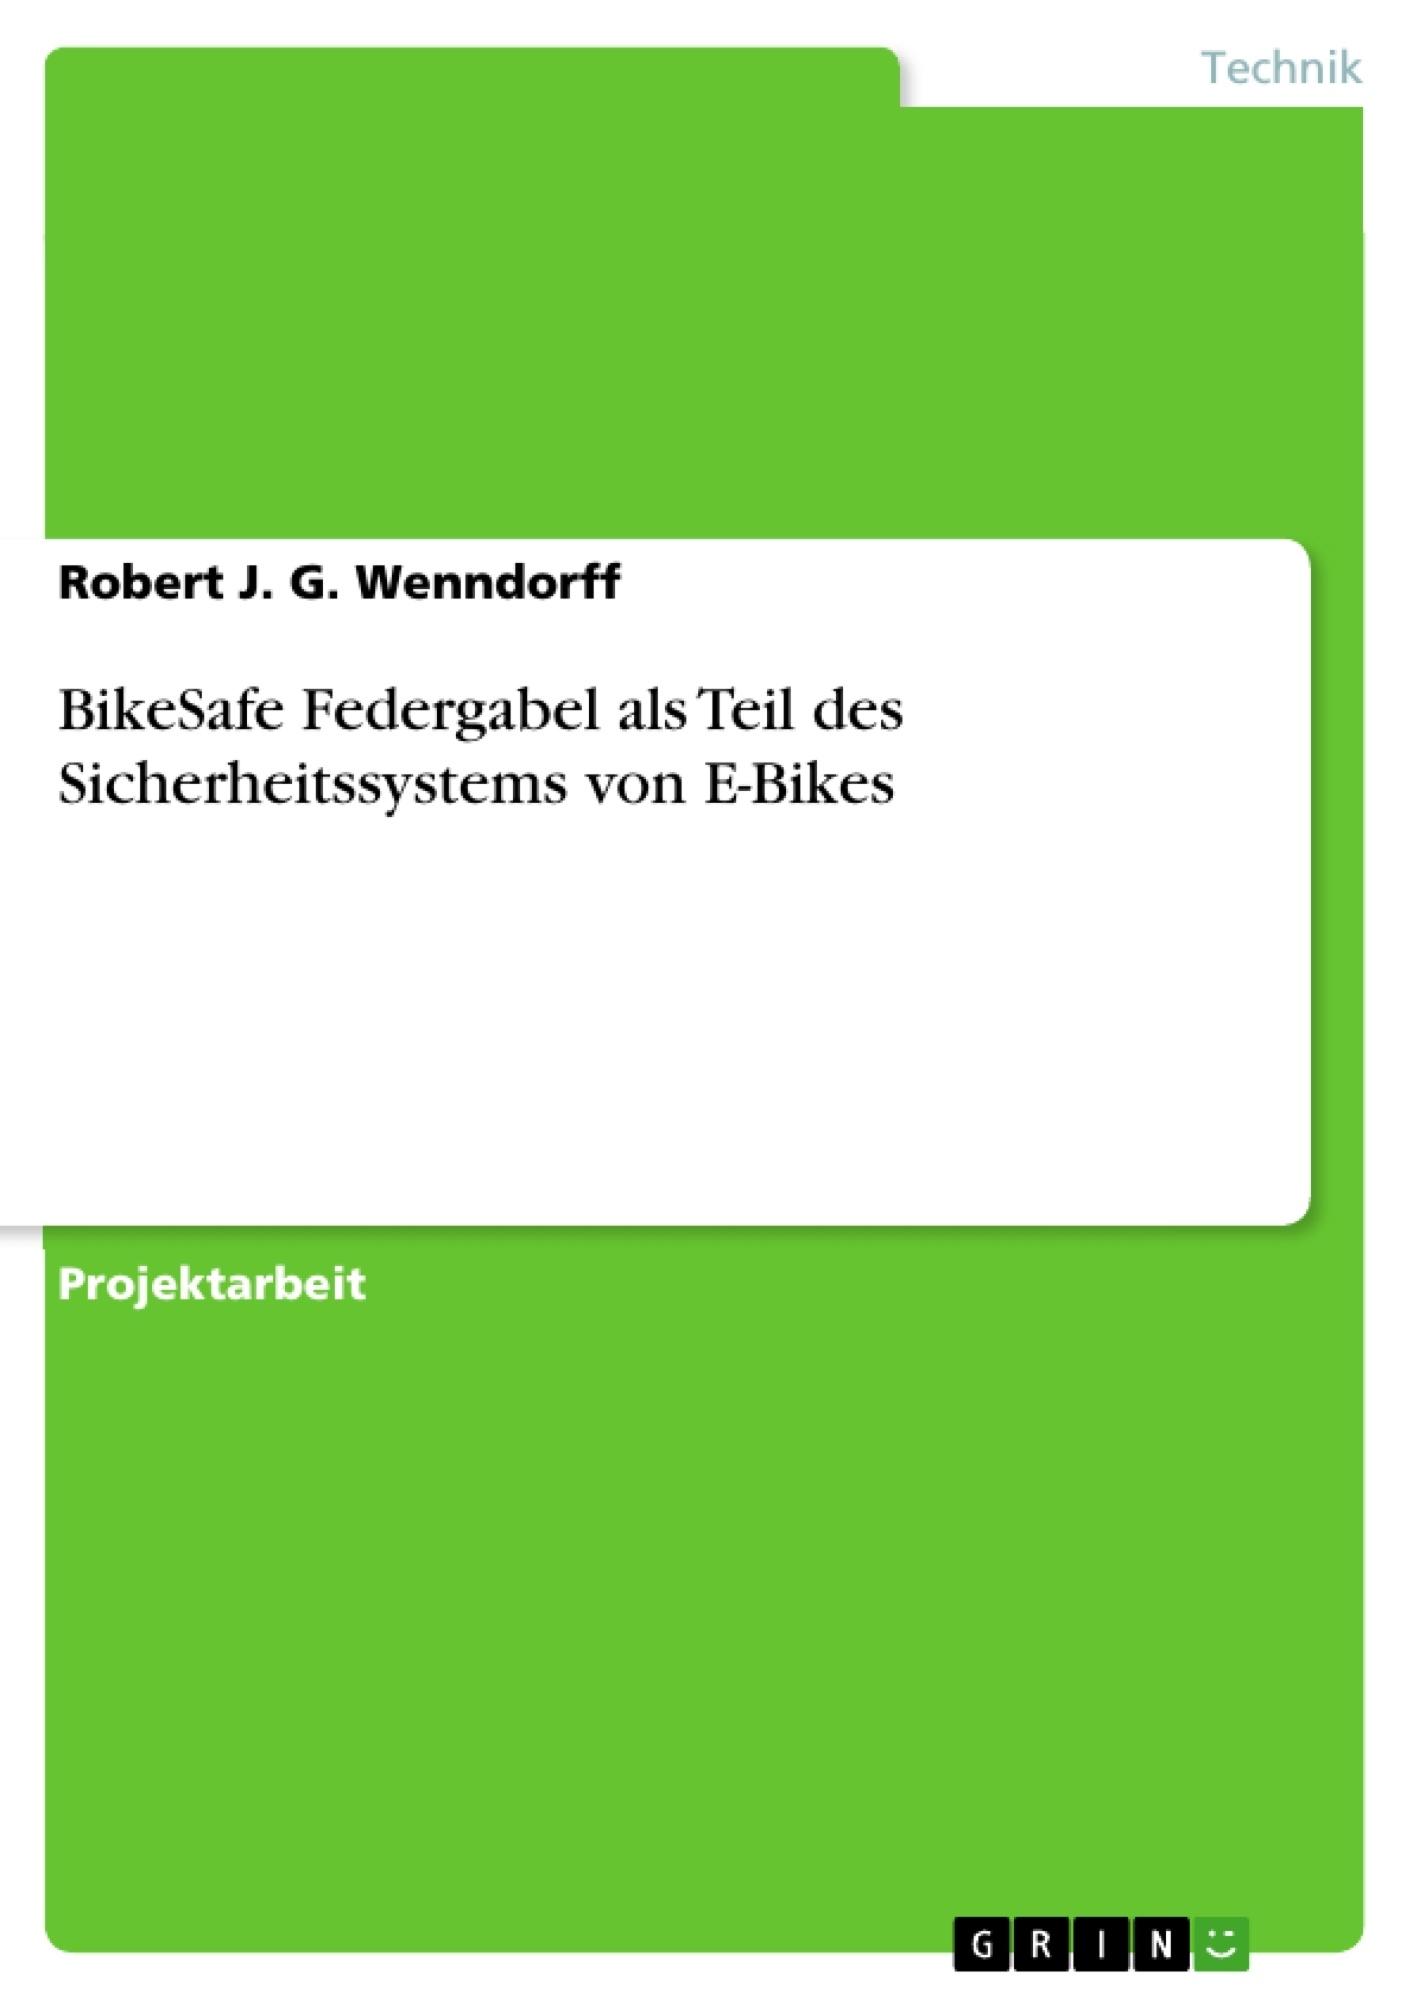 Titel: BikeSafe Federgabel als Teil des Sicherheitssystems von E-Bikes